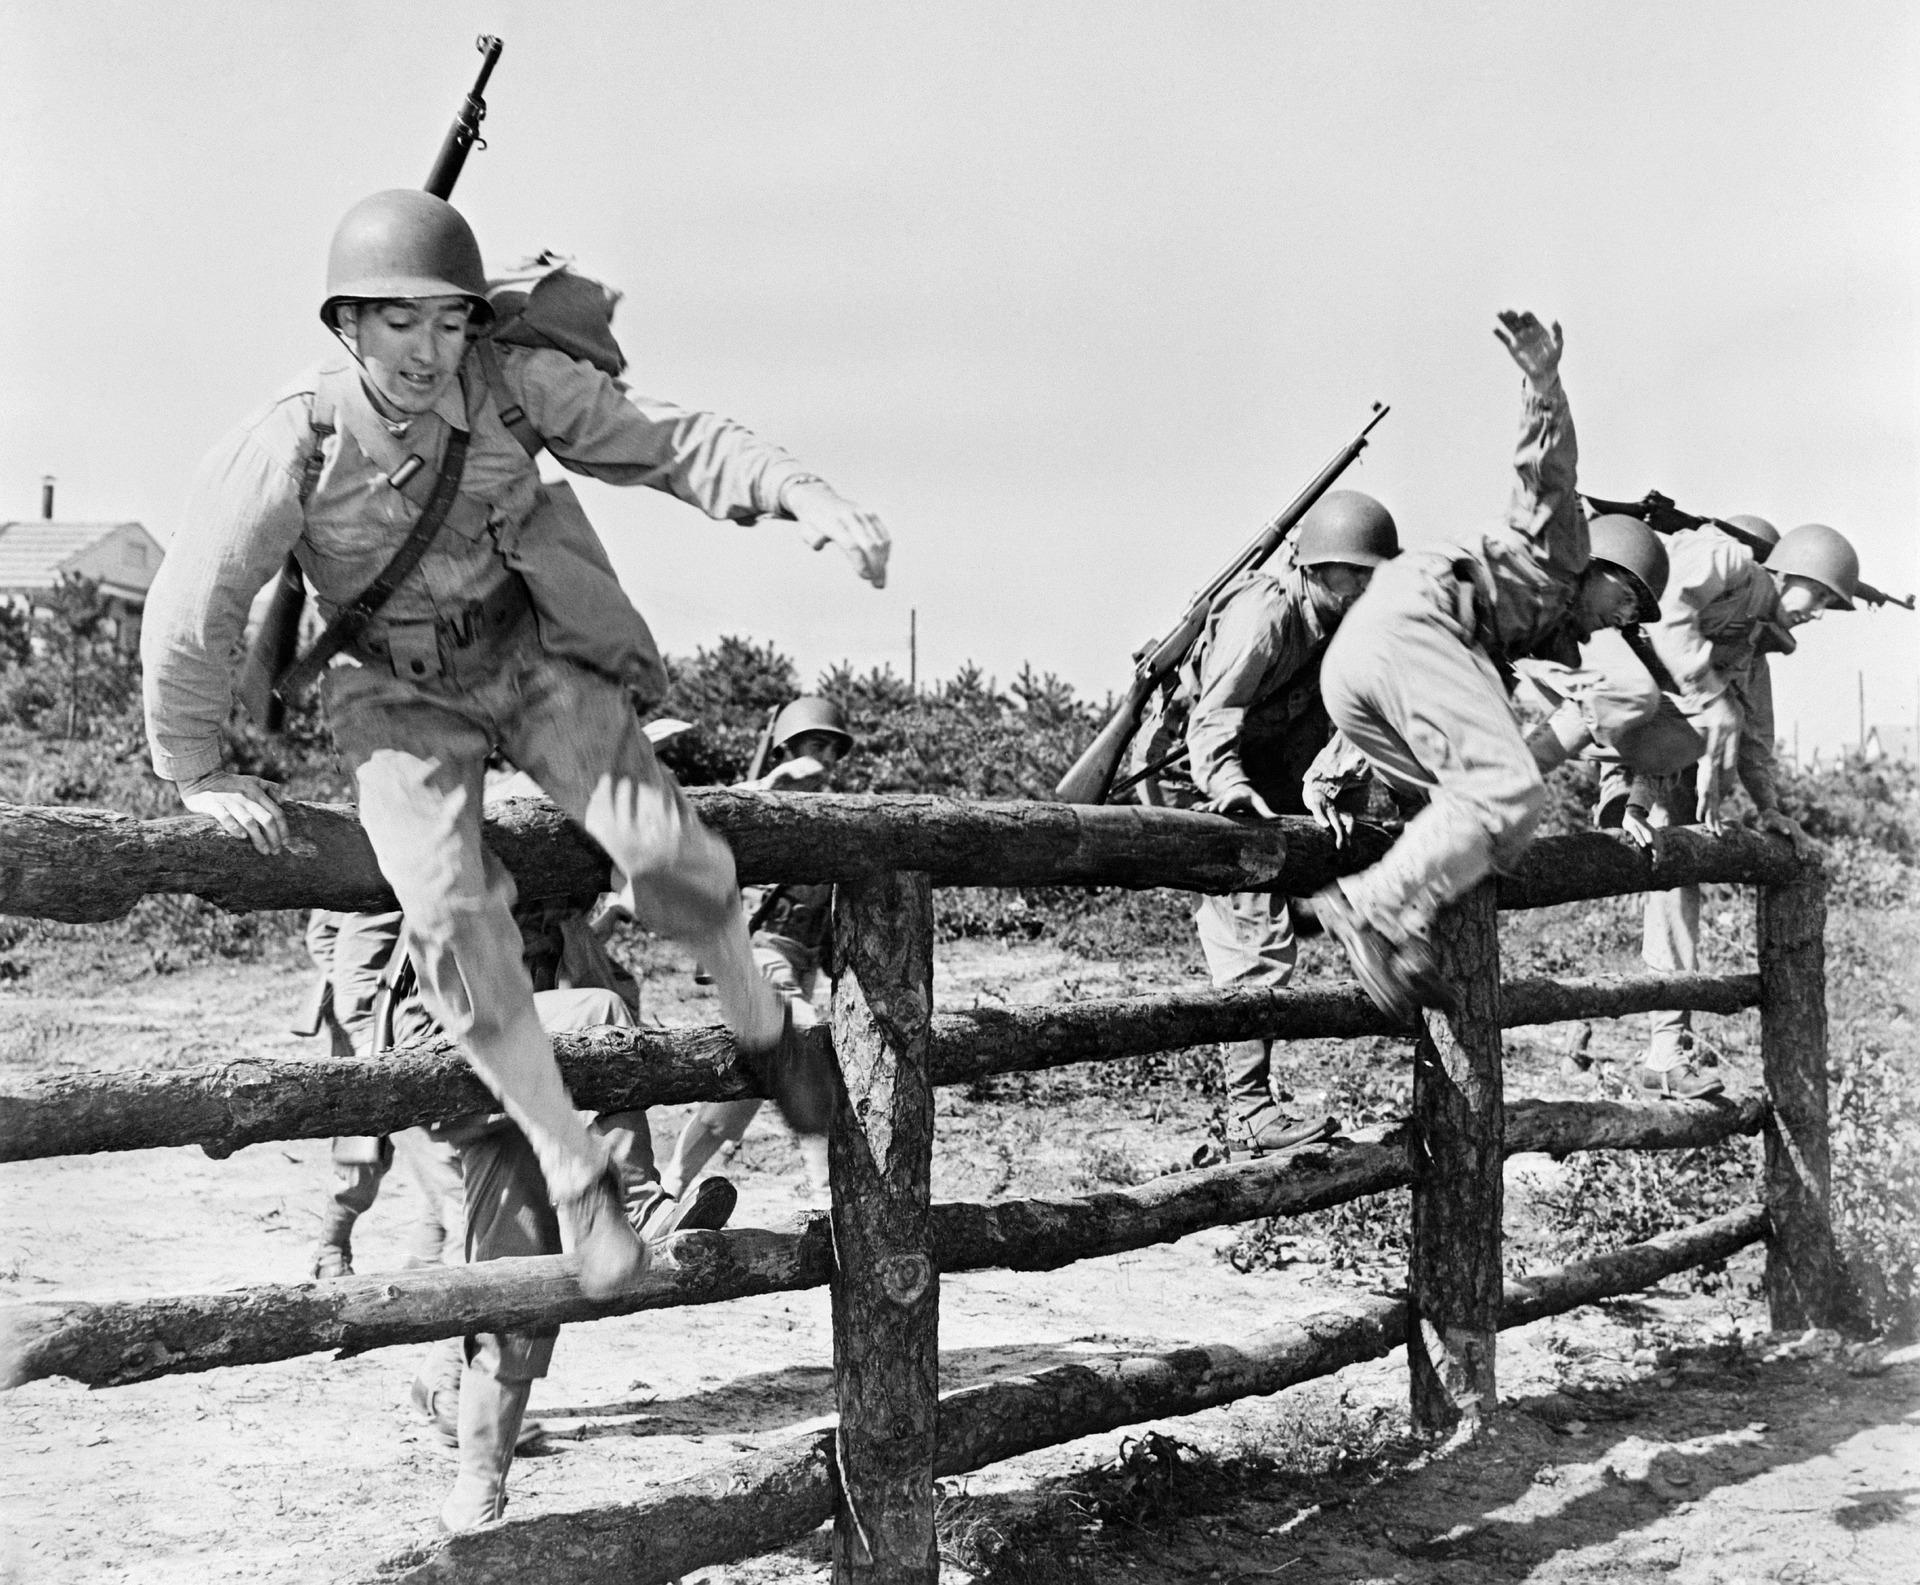 soldiers-67731_1920.jpg